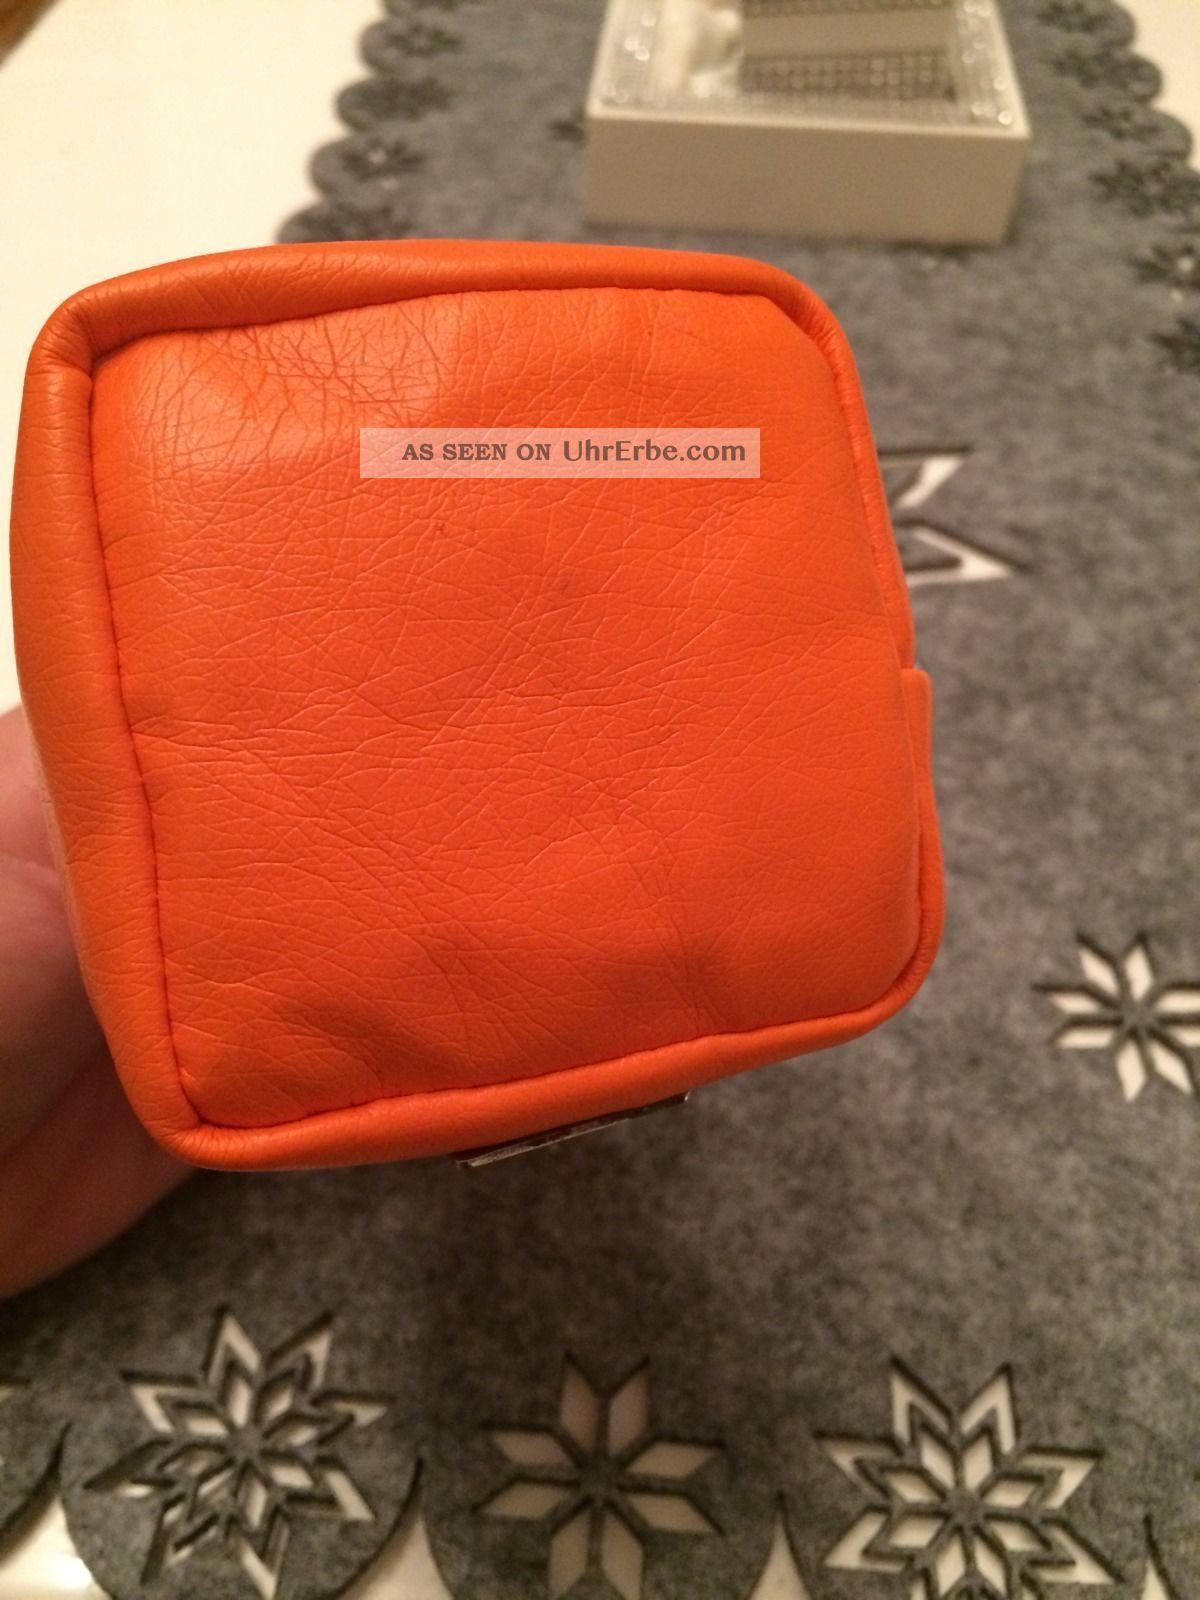 schmuck tasche von d g time dolce gabbana orange tasche. Black Bedroom Furniture Sets. Home Design Ideas